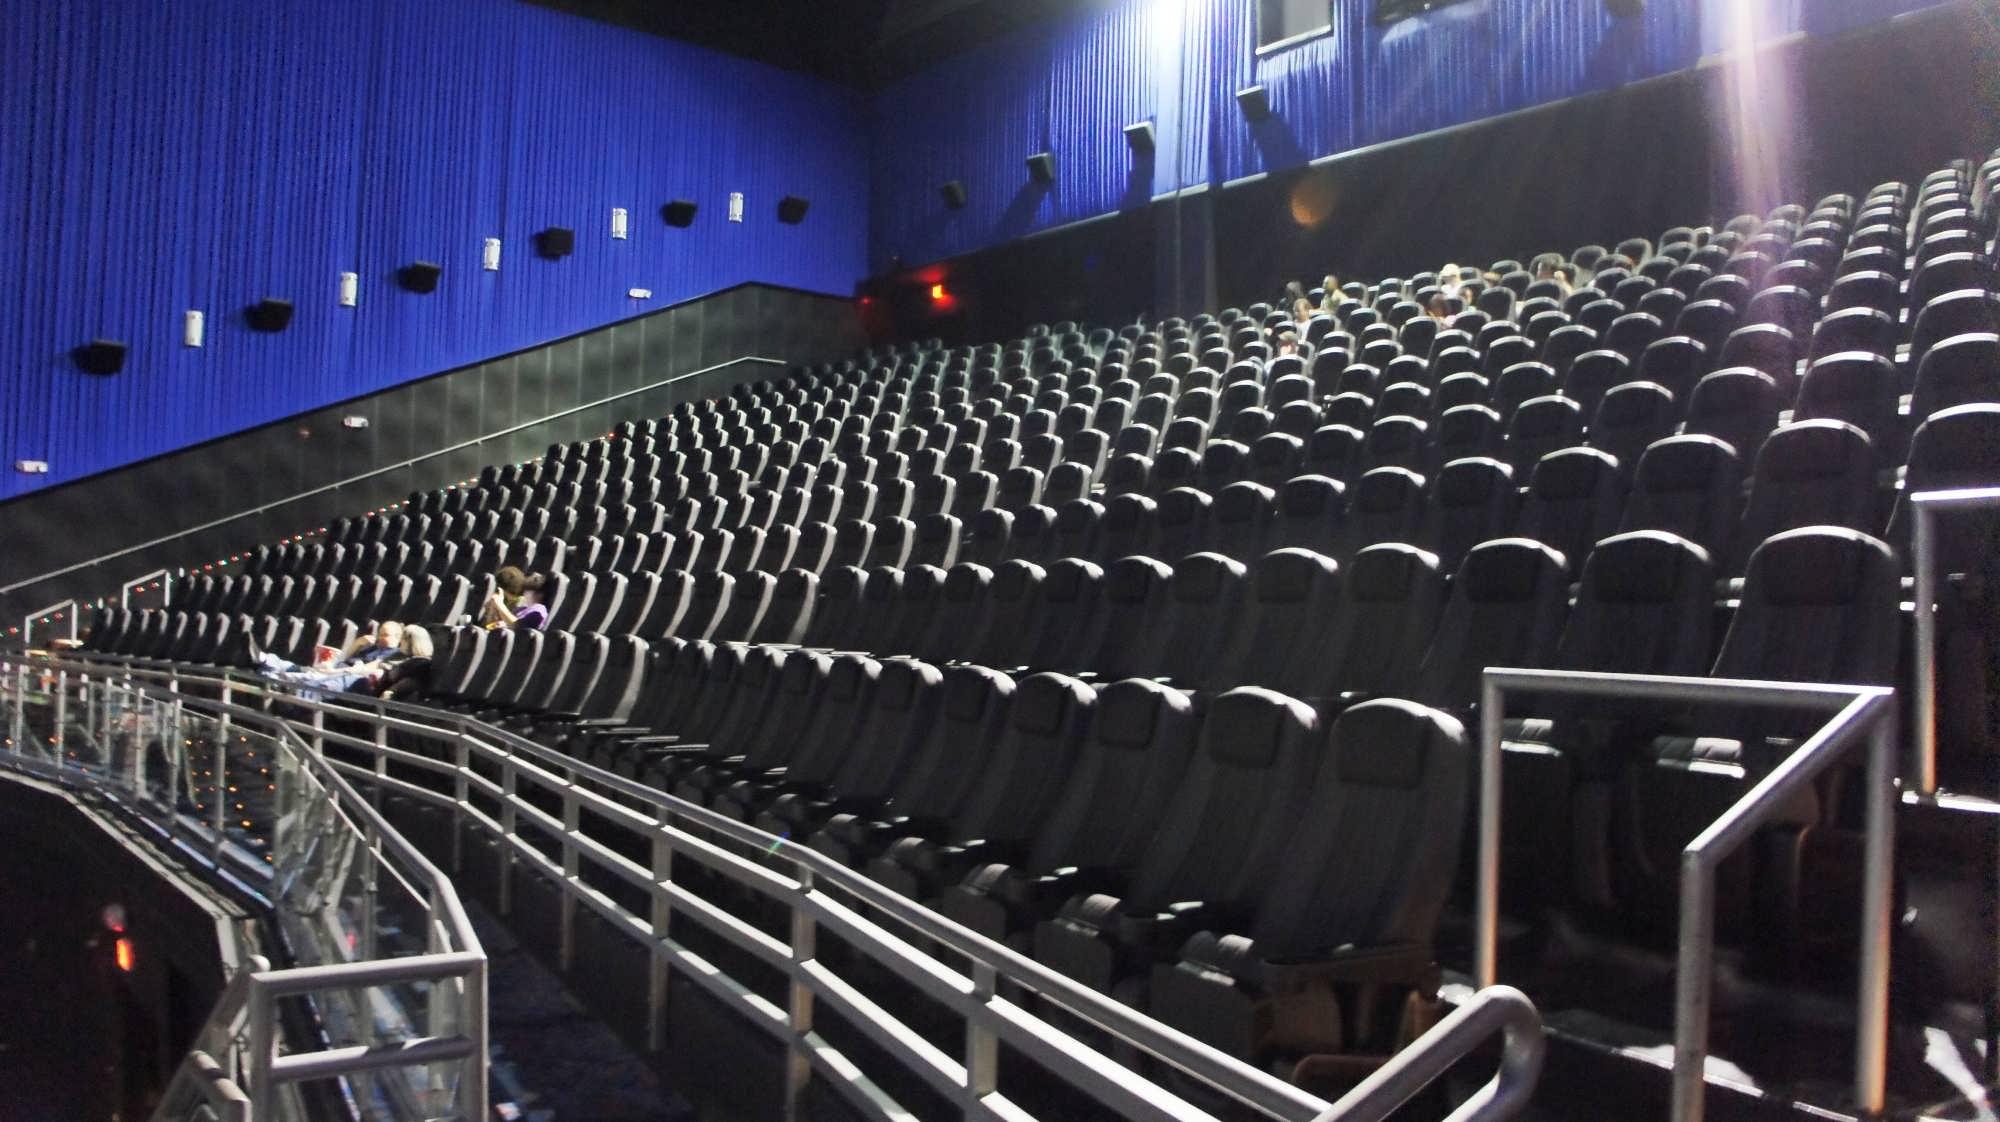 regal movie theatres